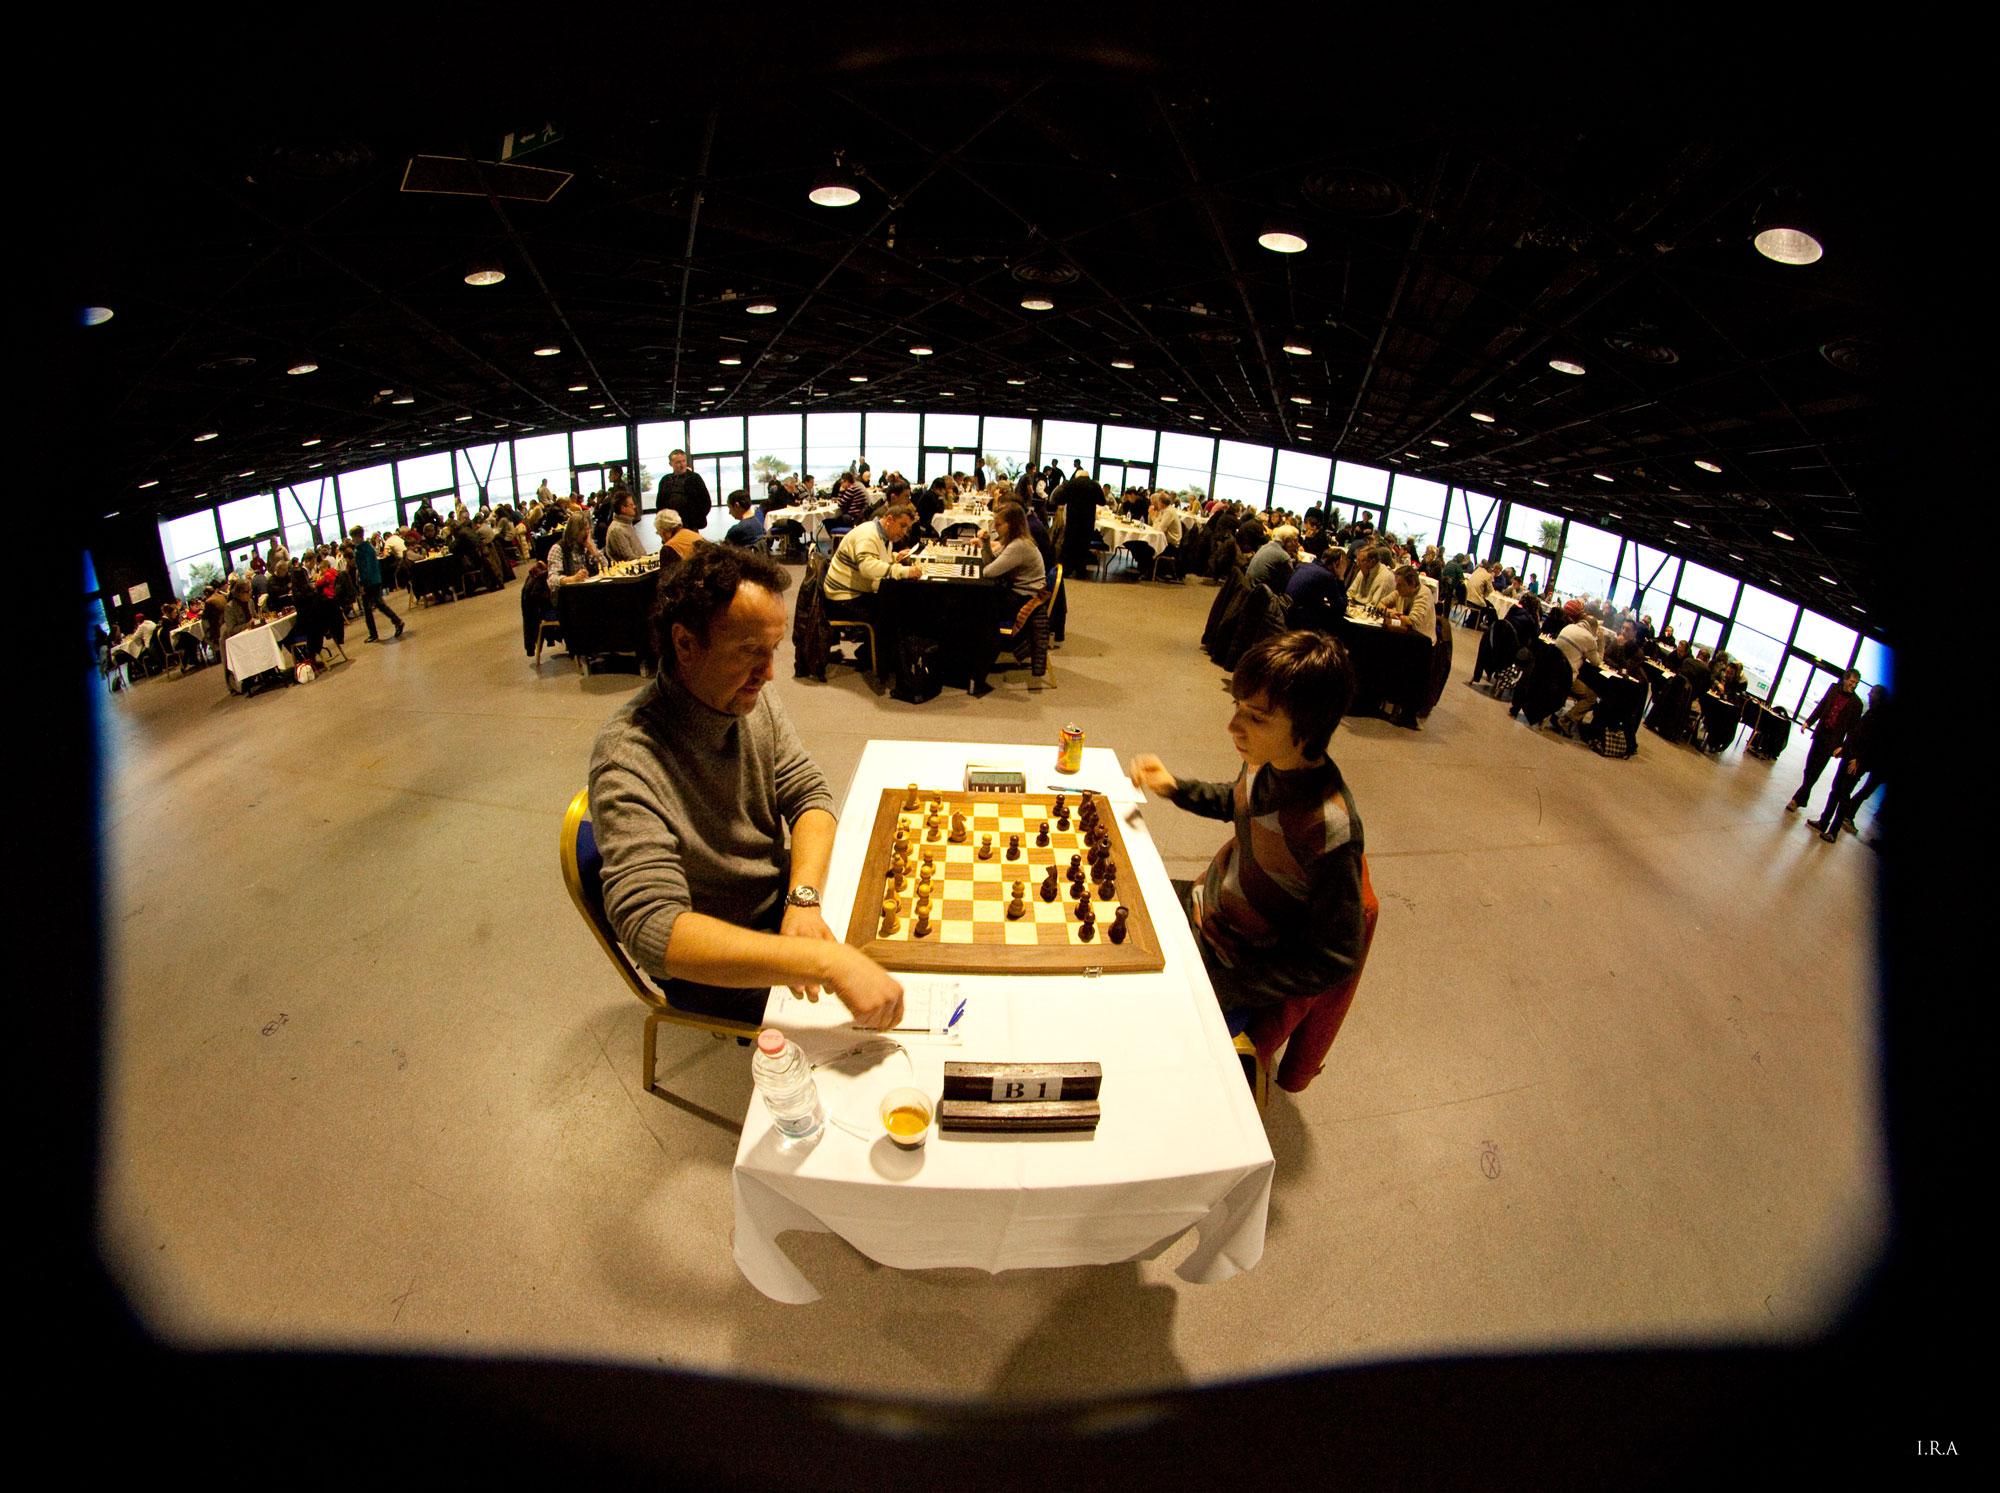 Le Festival des Jeux réuni chaque année près de 400 joueurs dans la Rotonde du Palais des Festivals